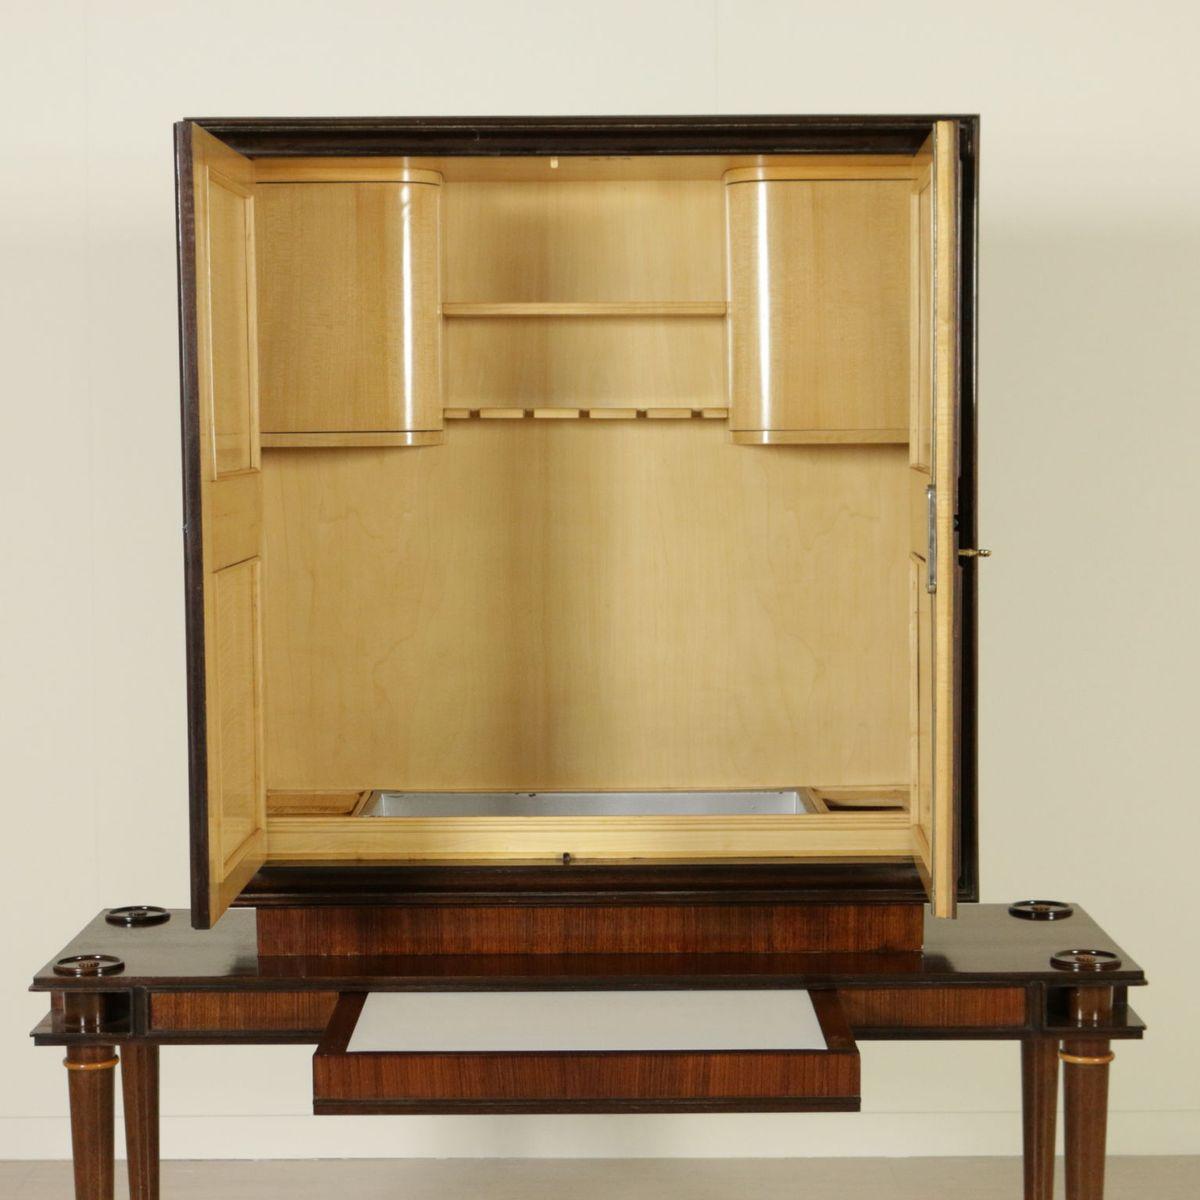 barschrank aus opalglas palisander furnier 1950er bei pamono kaufen. Black Bedroom Furniture Sets. Home Design Ideas